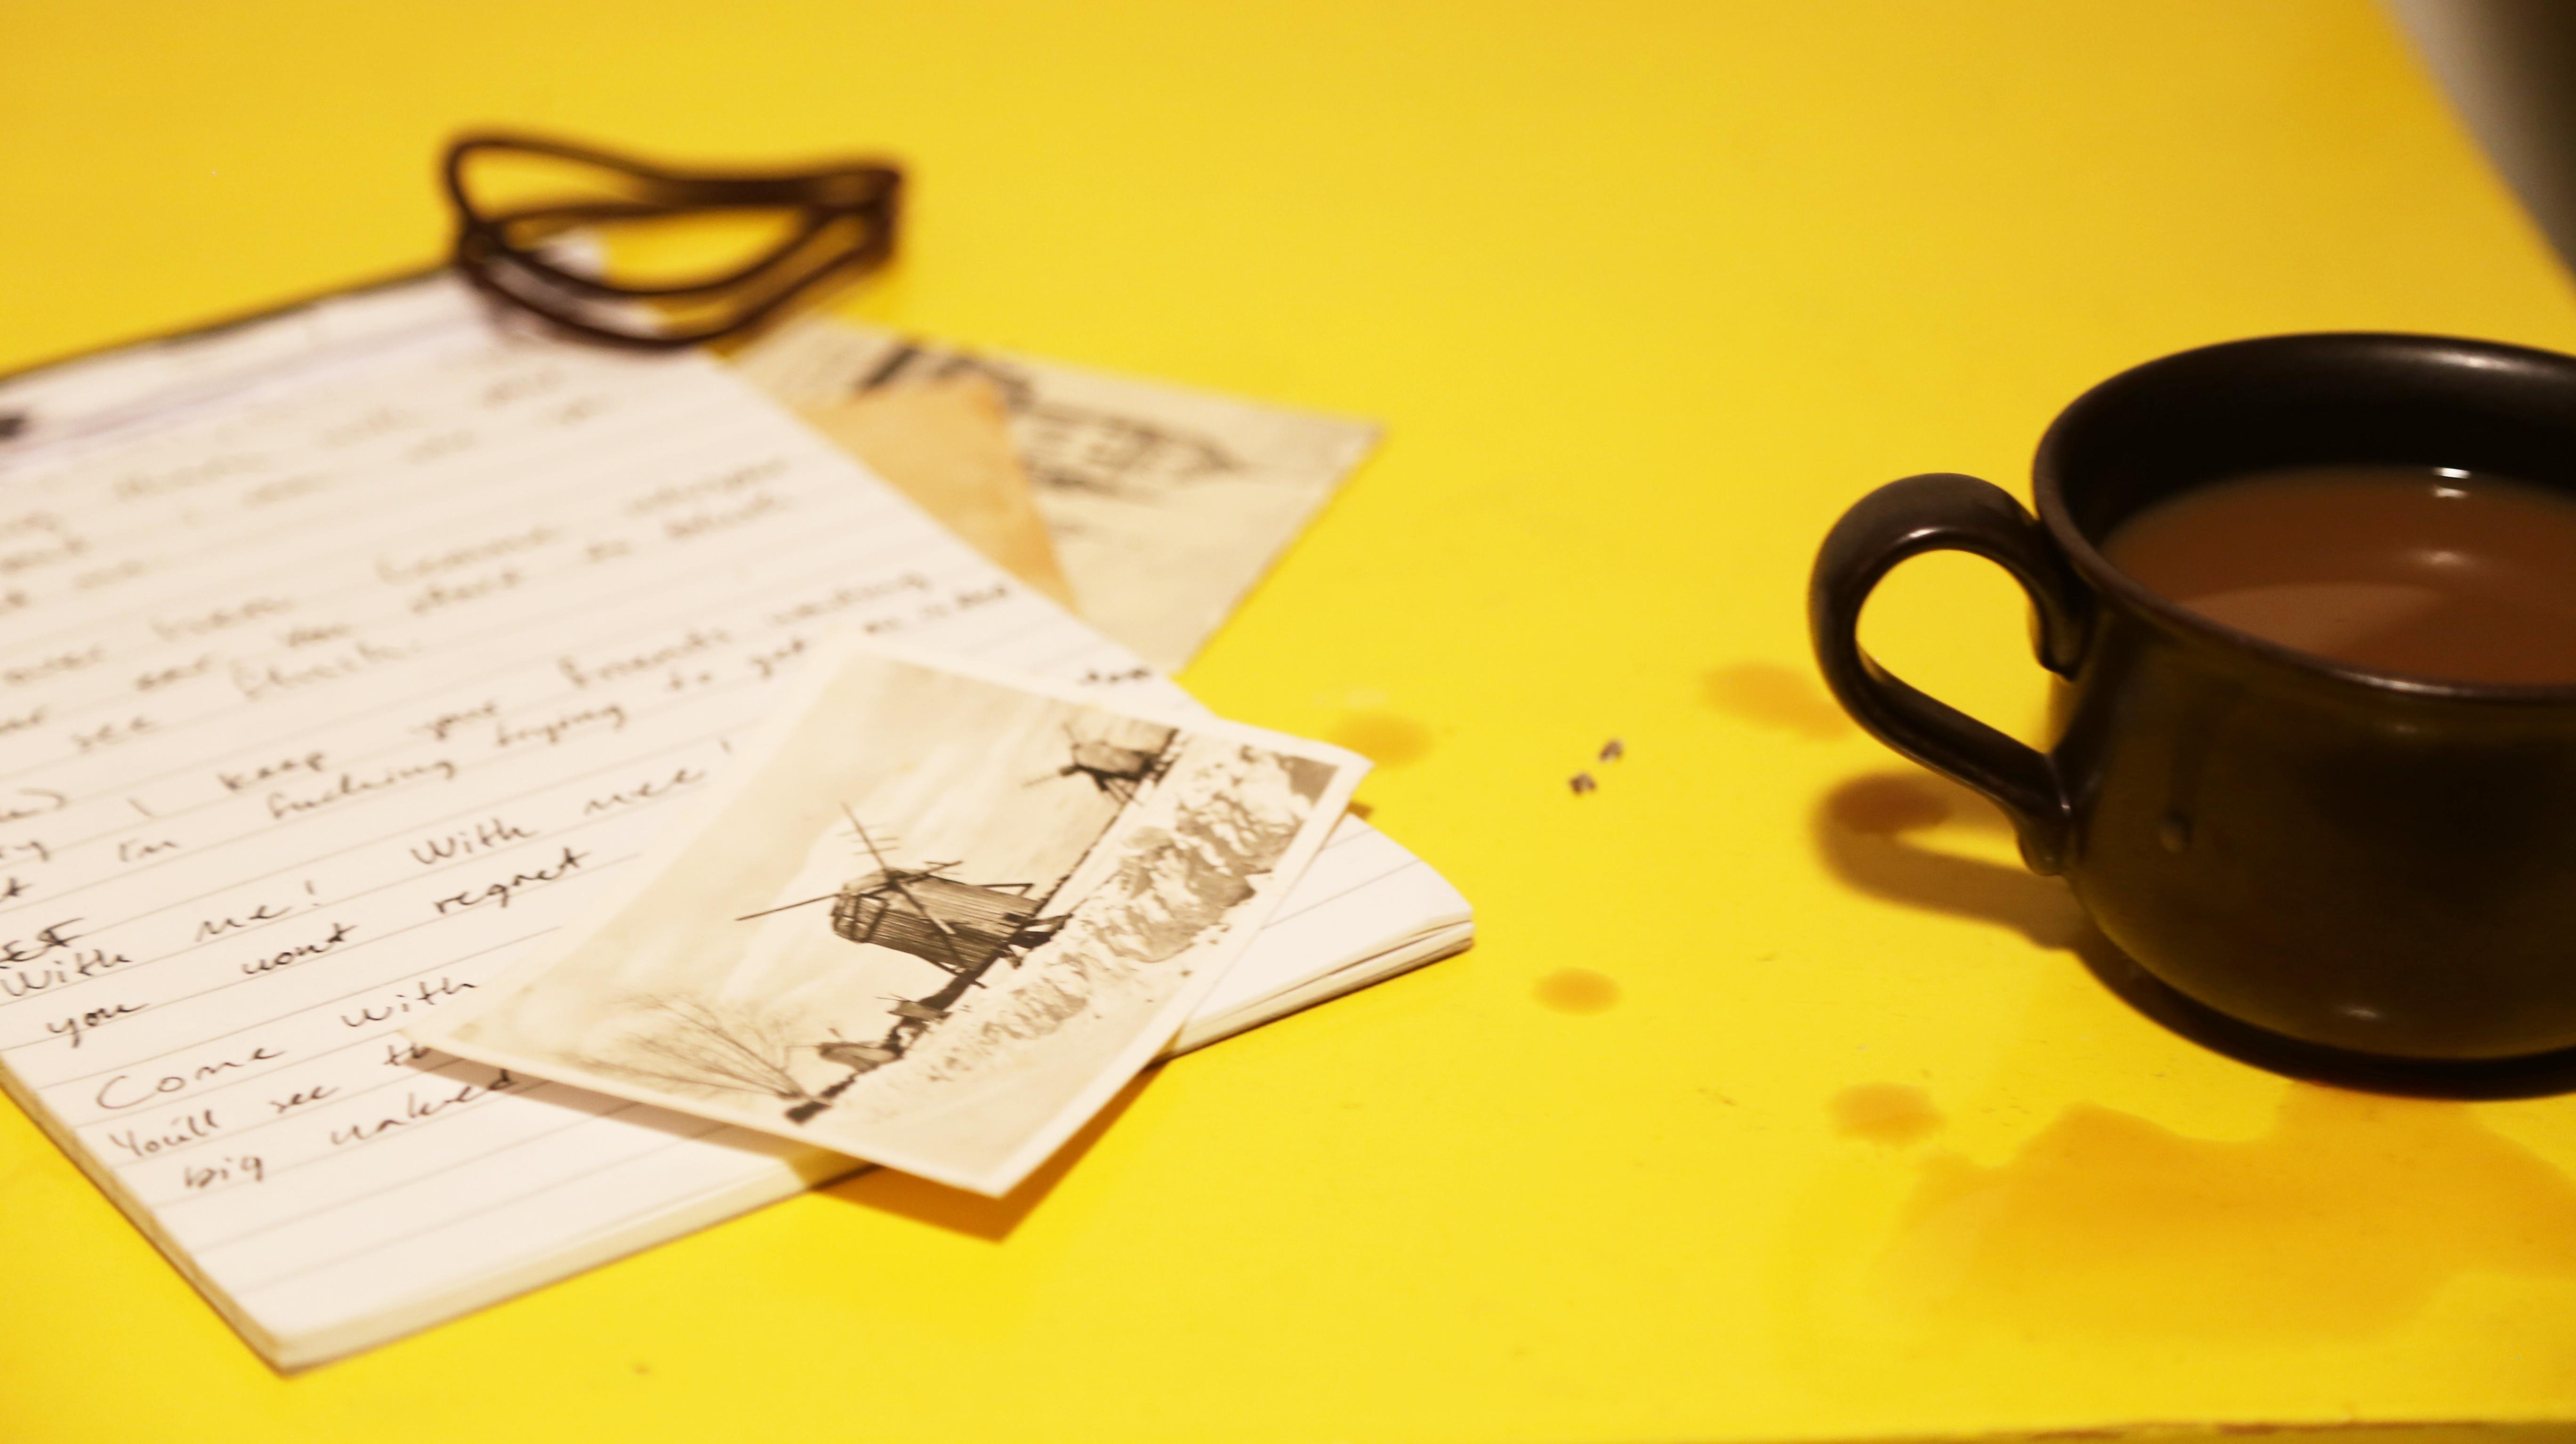 kaffe_text